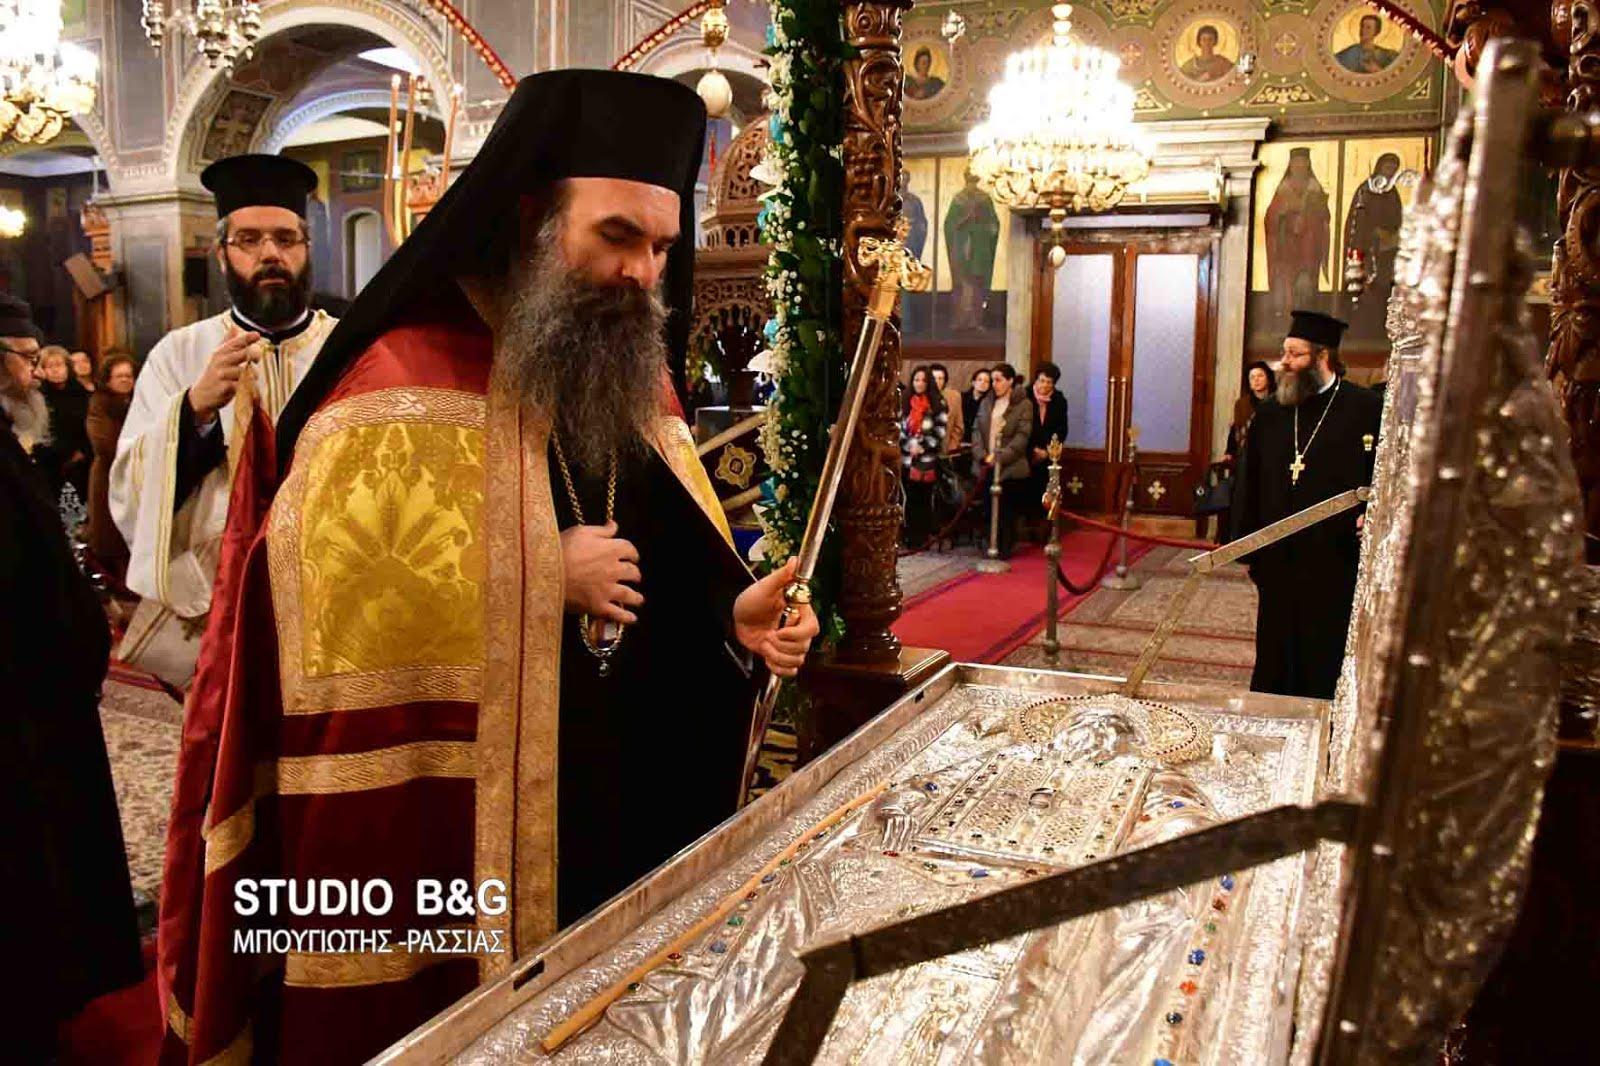 Ο Εσπερινός της εορτής της μετακομιδής των λειψάνων του Αγίου Πέτρου επισκόπου Άργους